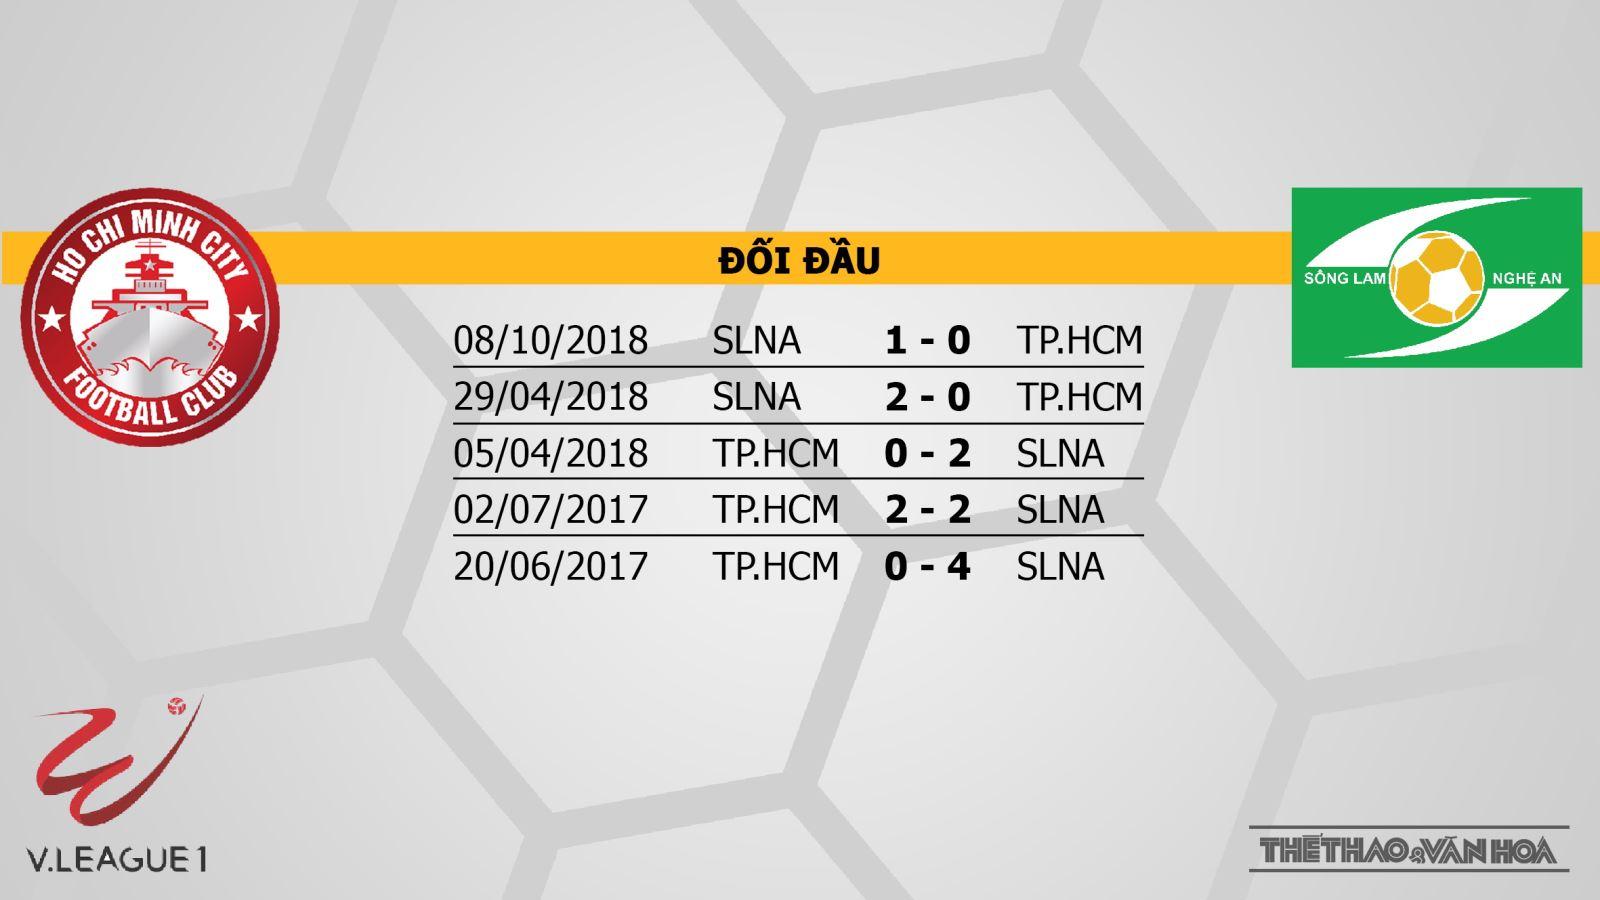 TP.Hồ Chí Minh vs SLNA, truc tiep bong da, trực tiếp bóng đá, TP.Hồ Chí Minh đấu với SLNA, VTV6, BĐTV, FPT,SLNA, Song Lam Nghe An, TP. Hồ Chí Minh, V League 2019, lịch thi đấu V League